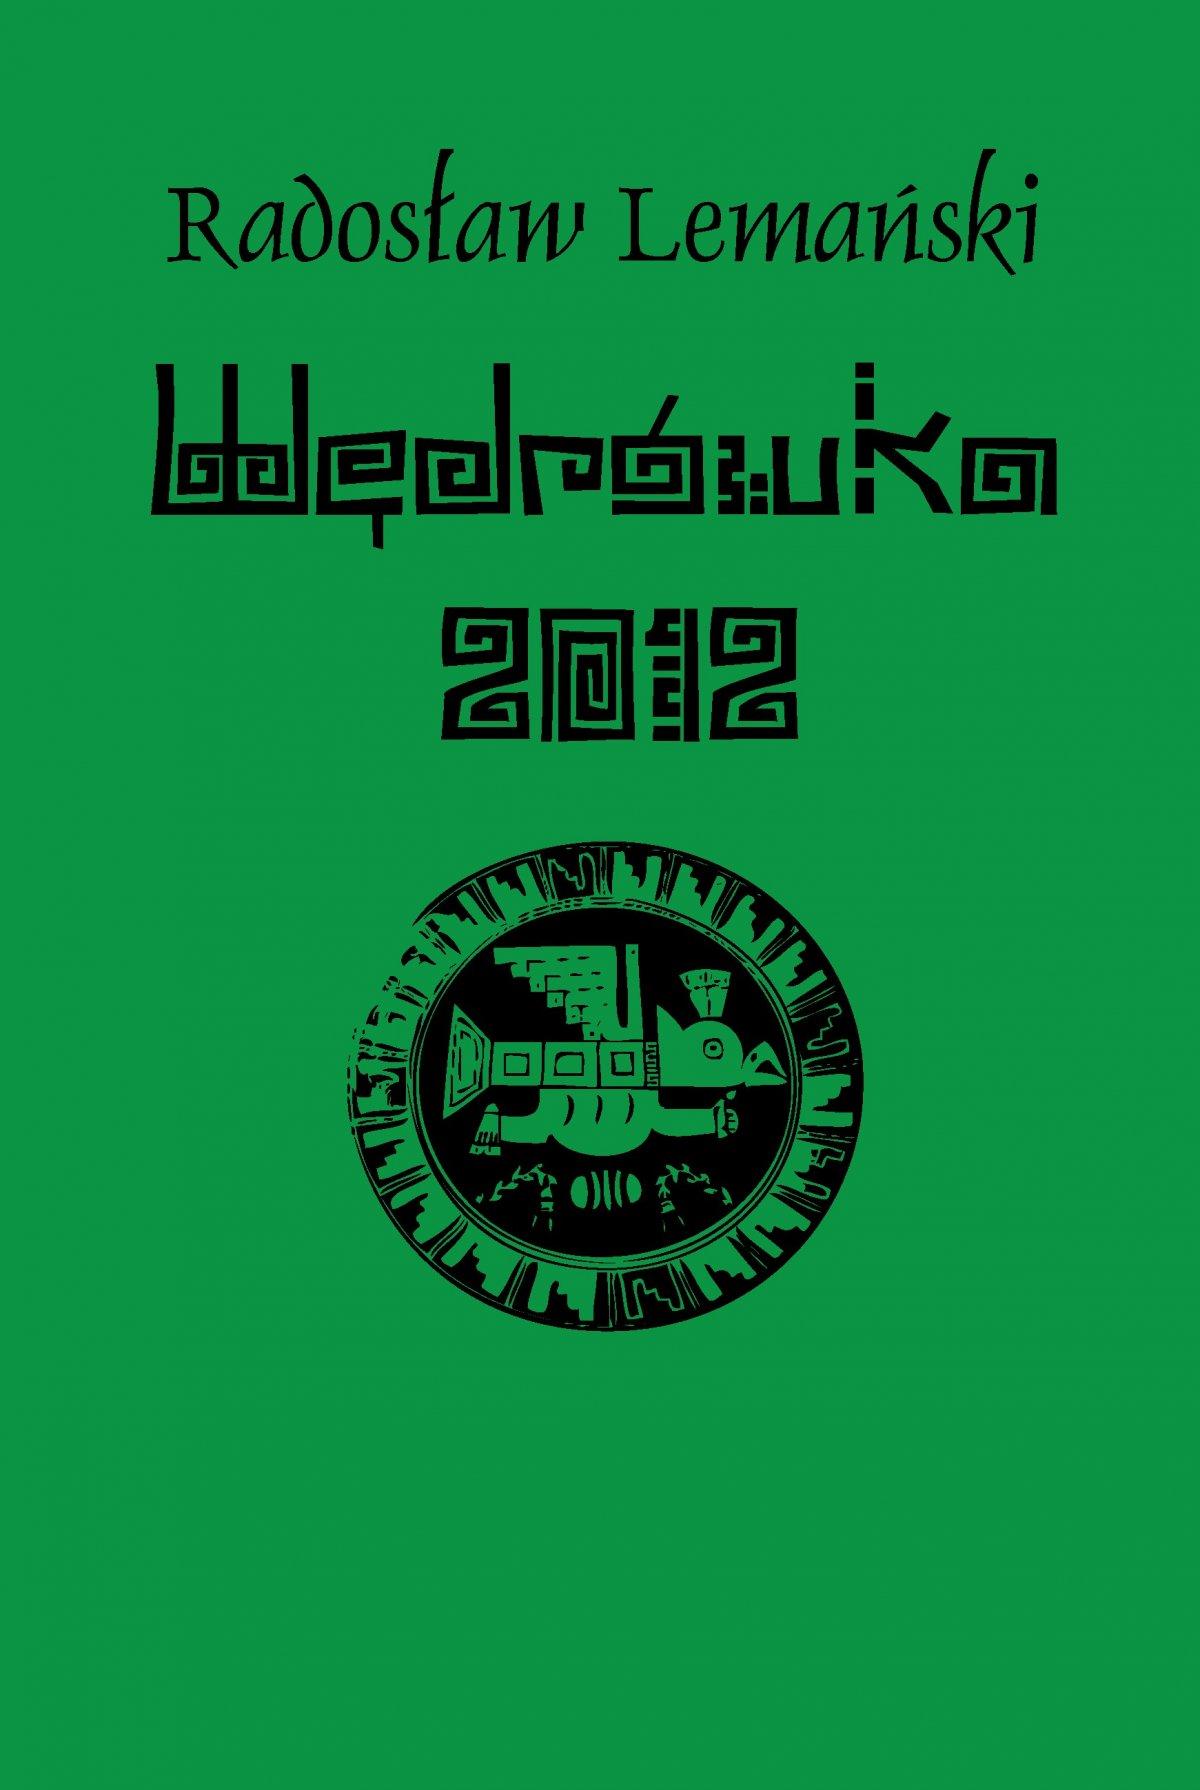 Wędrówka 2012 - Ebook (Książka PDF) do pobrania w formacie PDF